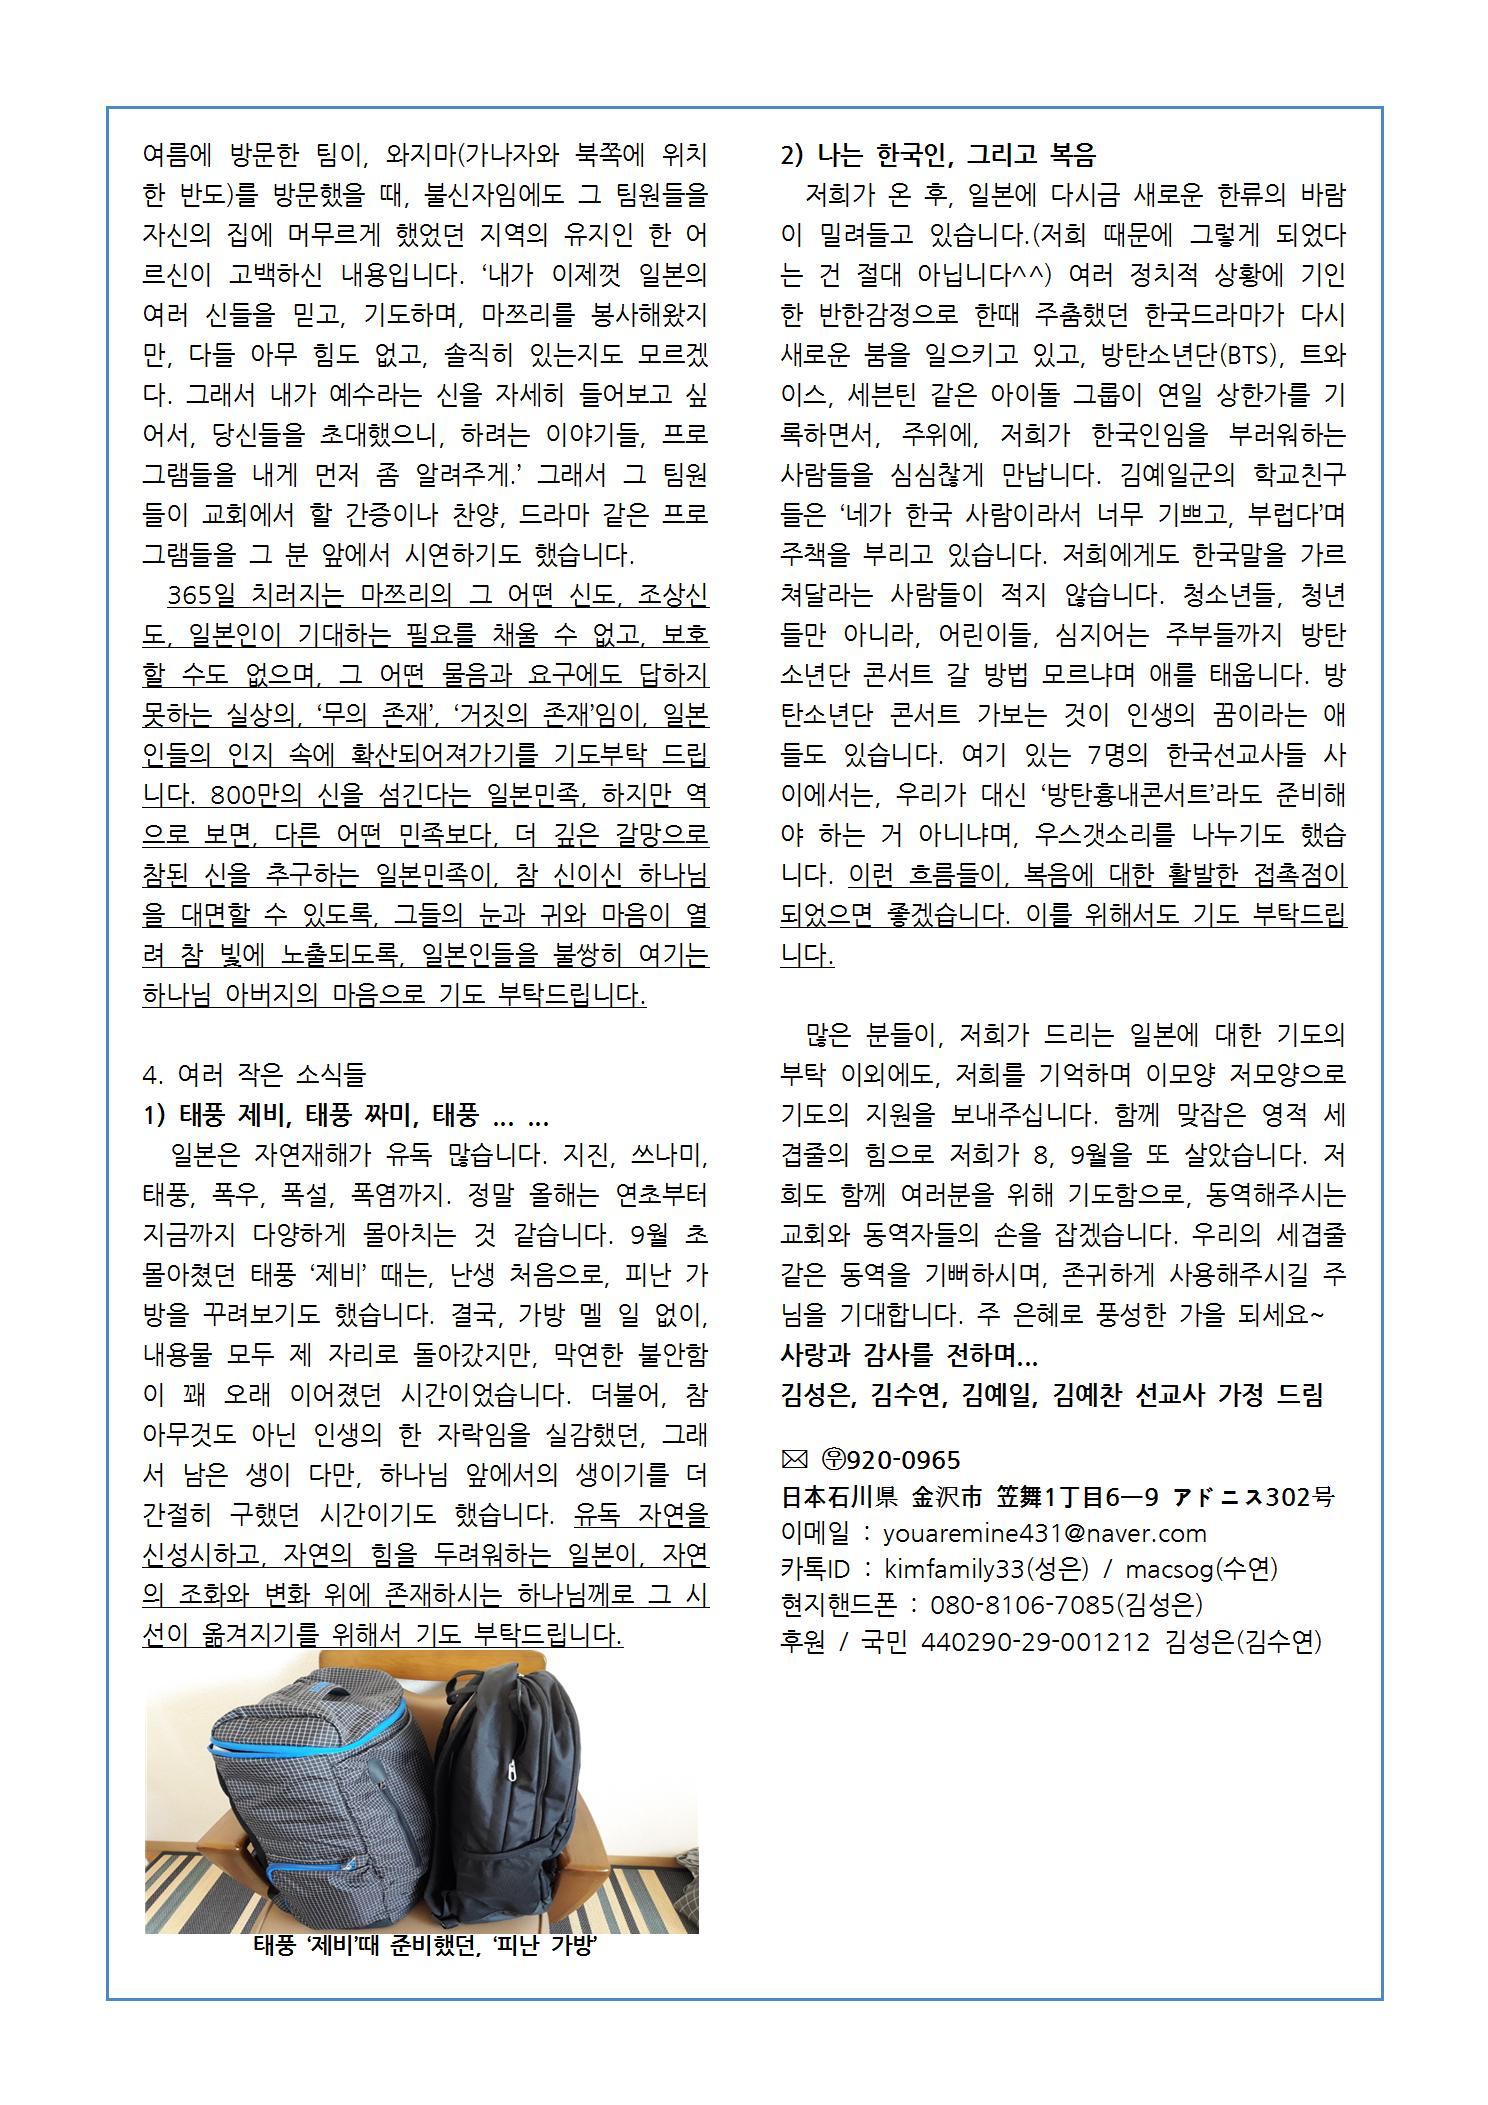 김성은03.jpg